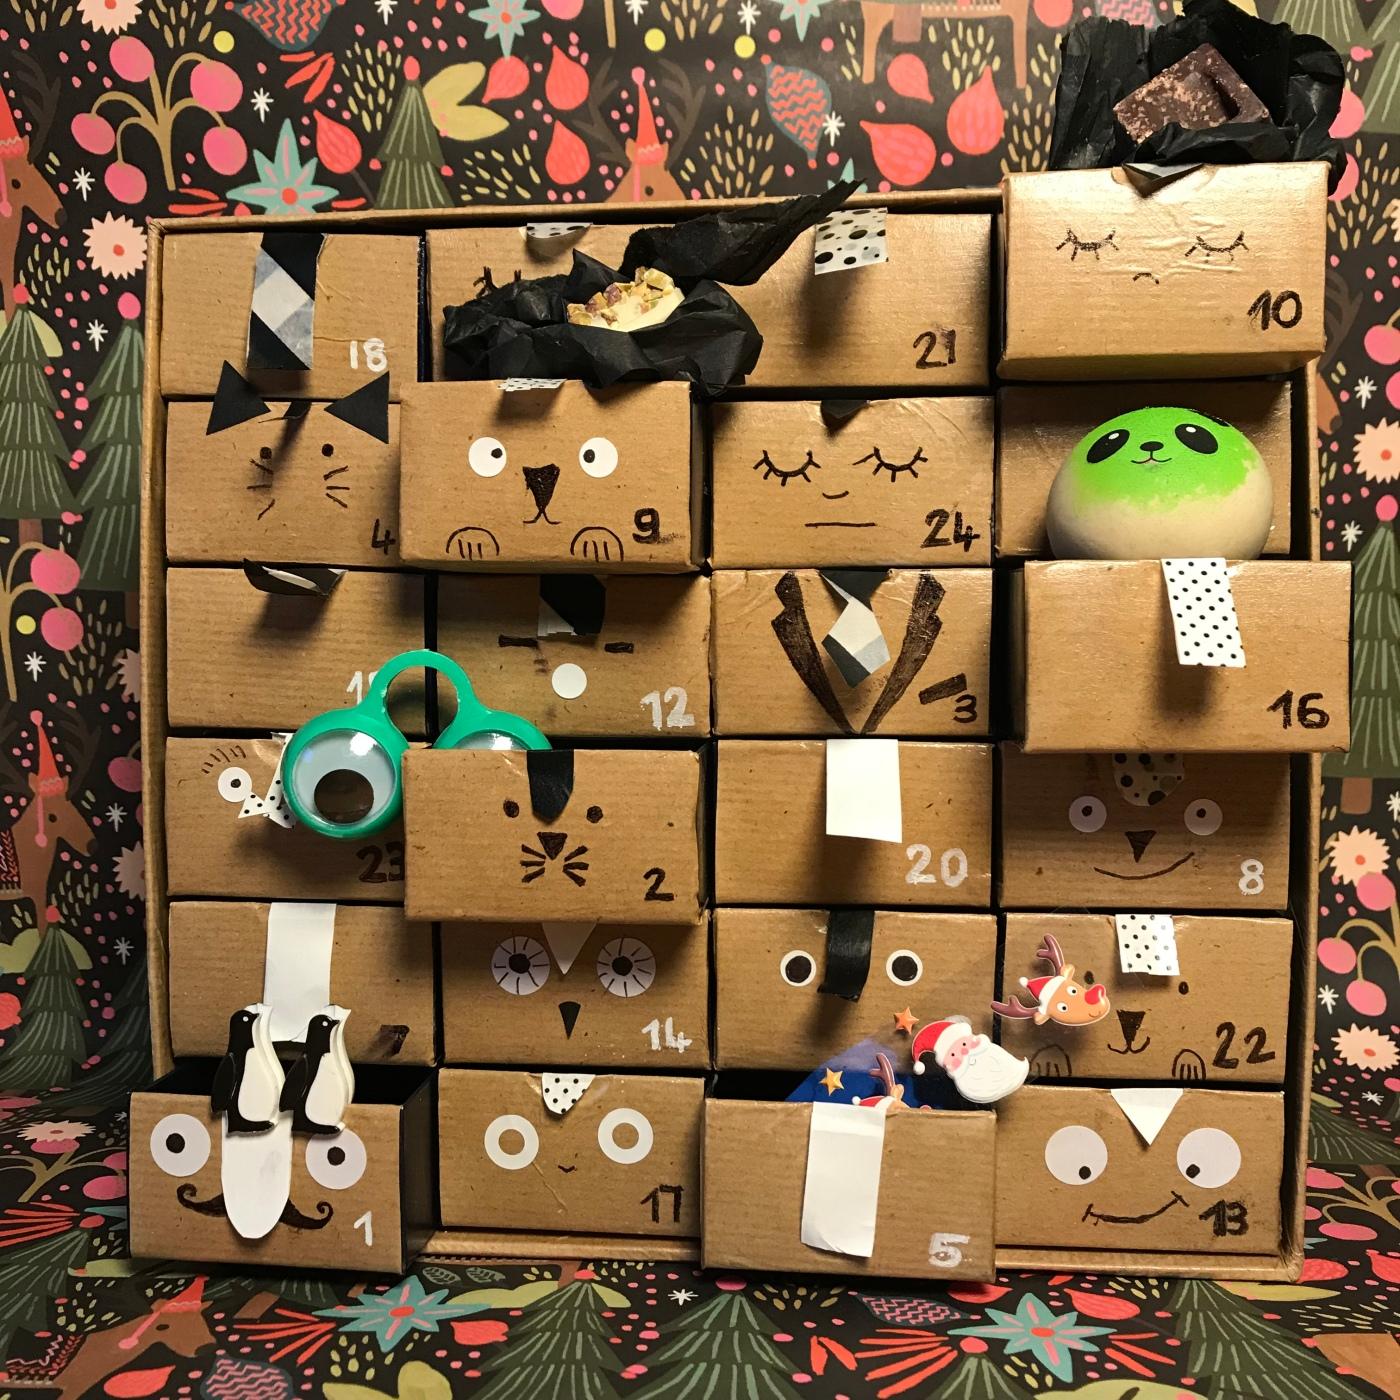 Calendrier en noir et blanc - DIY - bricolage enfant - craft for kids - calendrier de l'avent - papier - recyclage - Image à la une